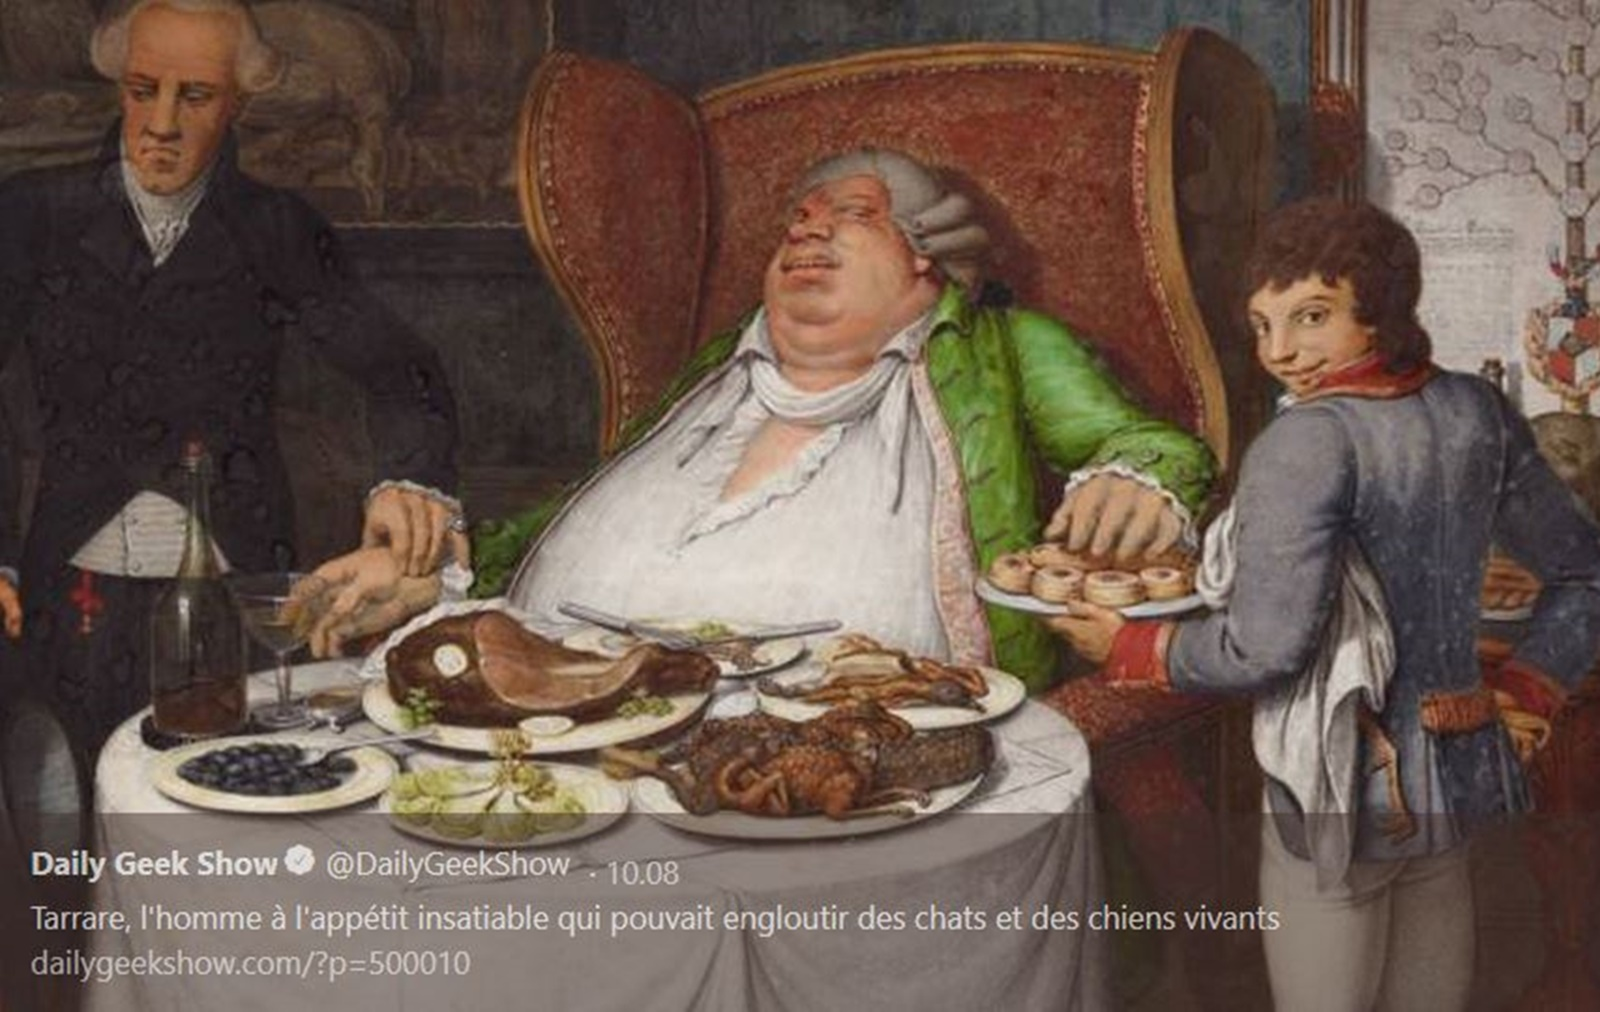 Таррар, който може би е изял бебе<br /> Таррар, роден през 1772 г. в близост до Лион, Франция, от малък бил винаги гладен и нищо не можело да го засити дълготрайно. Заради болестното му състояние, родителите му го прогонват на 17-годишна възраст. Той прекарва няколко години в Париж, изкарвайки пари от яденето на различни неща, които обичайно не се ядат – живи животни и дори камъни, пред големи публики на широките площади. След началото на Френската революция Террар става военен, но се разболява от яденето на улични животни и предмети и го преназначават като военен пощальон, за да пренася тайни съобщения в стомаха си.<br />